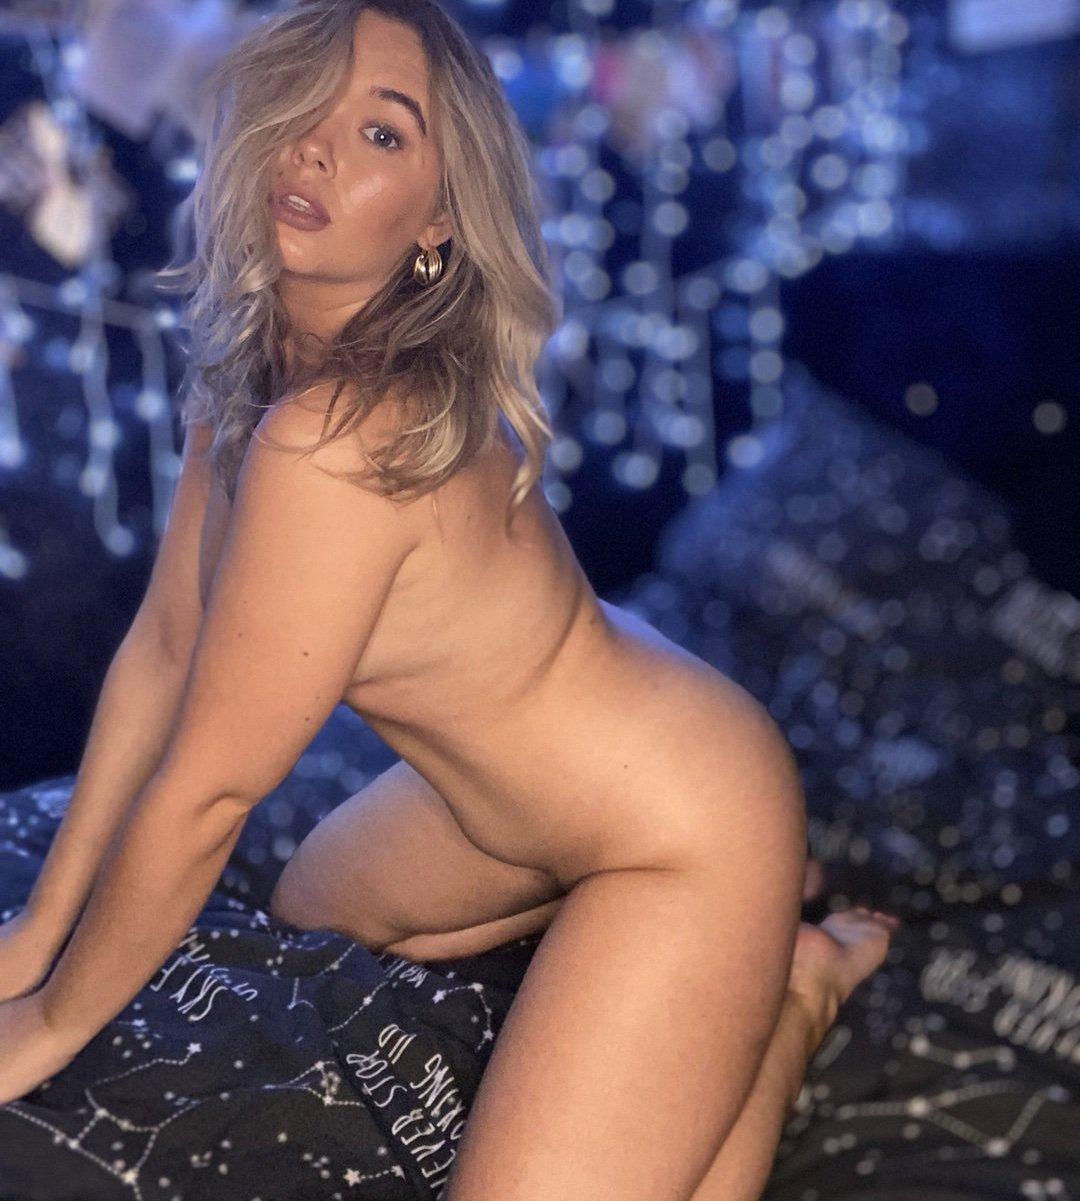 Bethany Cammack Bethanycammack Admireme Nudes Leaks 0006